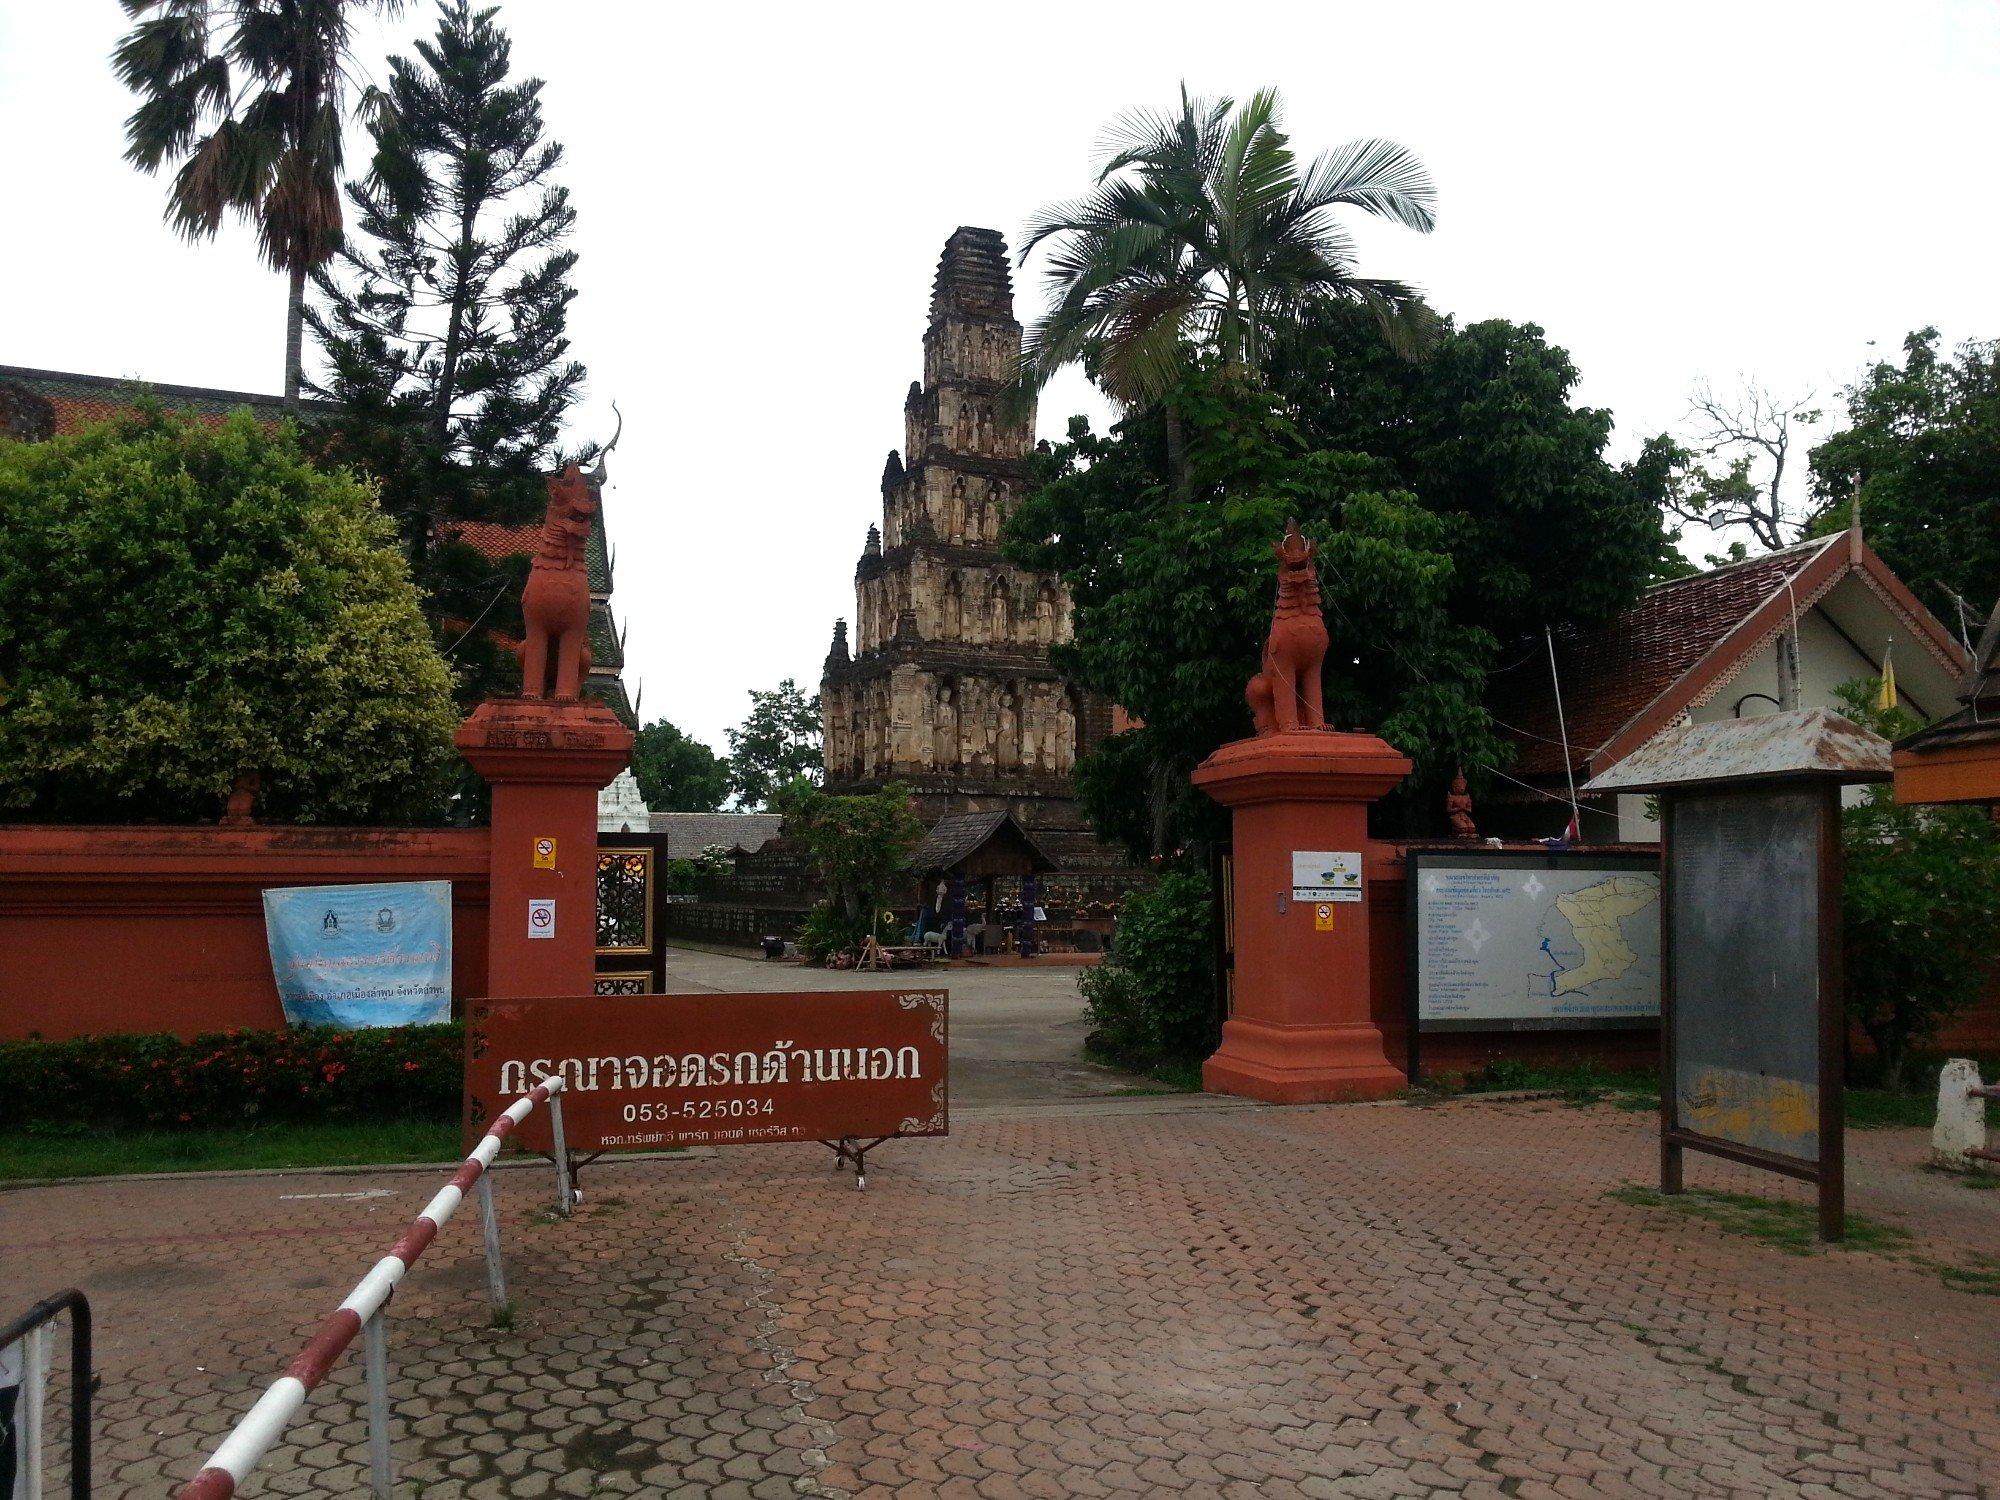 Entrance to Wat Chammathewi